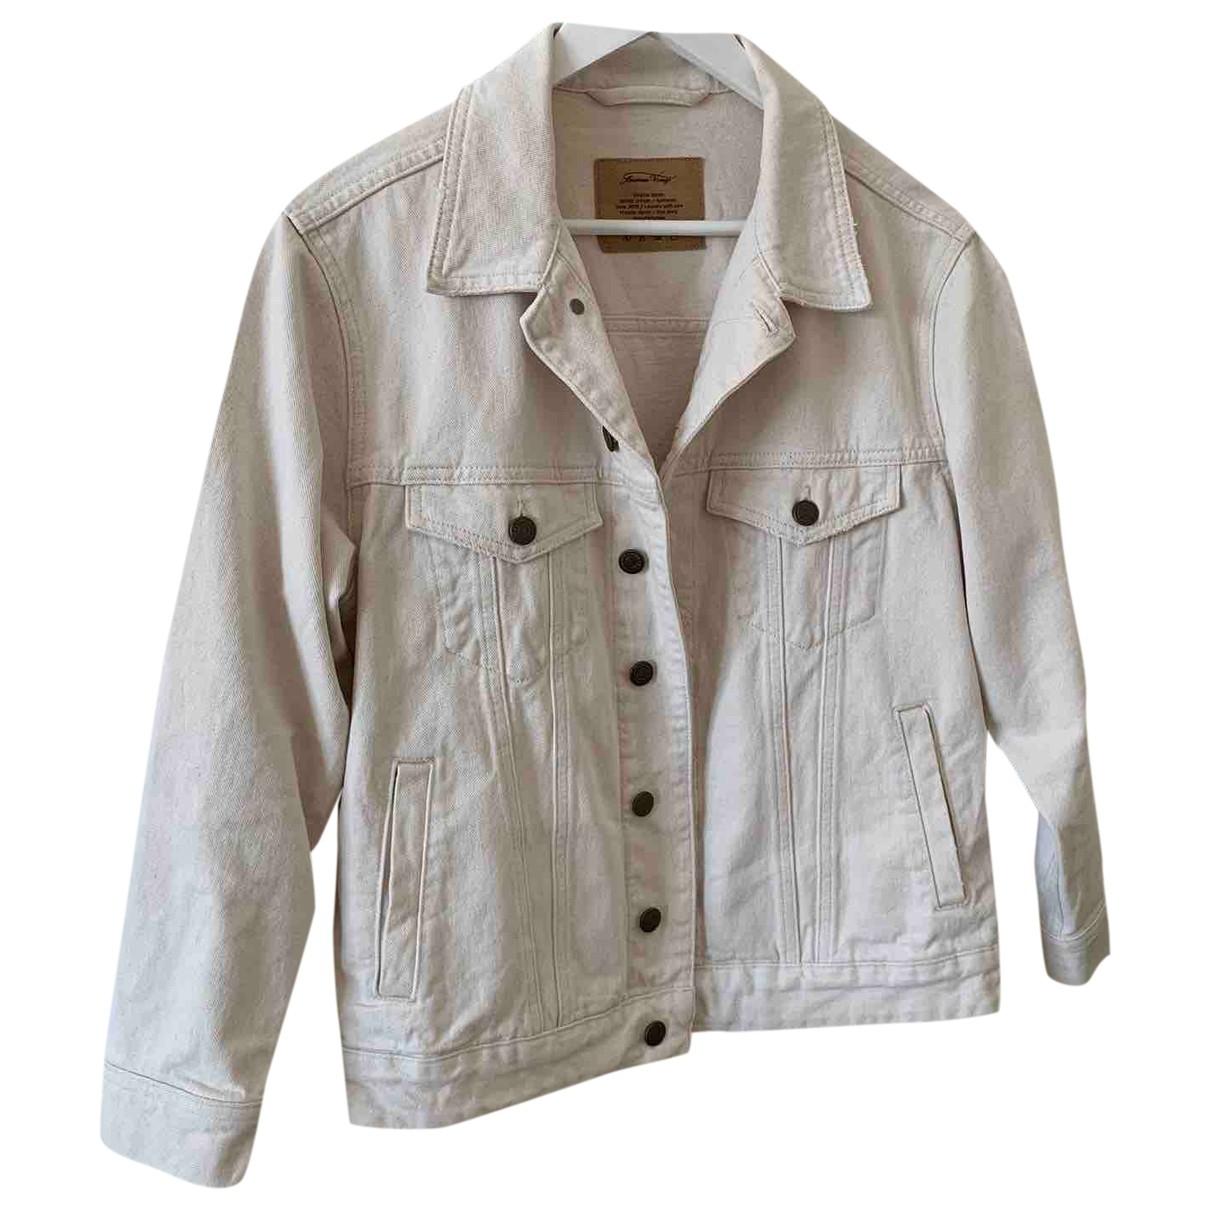 American Vintage \N Jacke in  Ecru Denim - Jeans